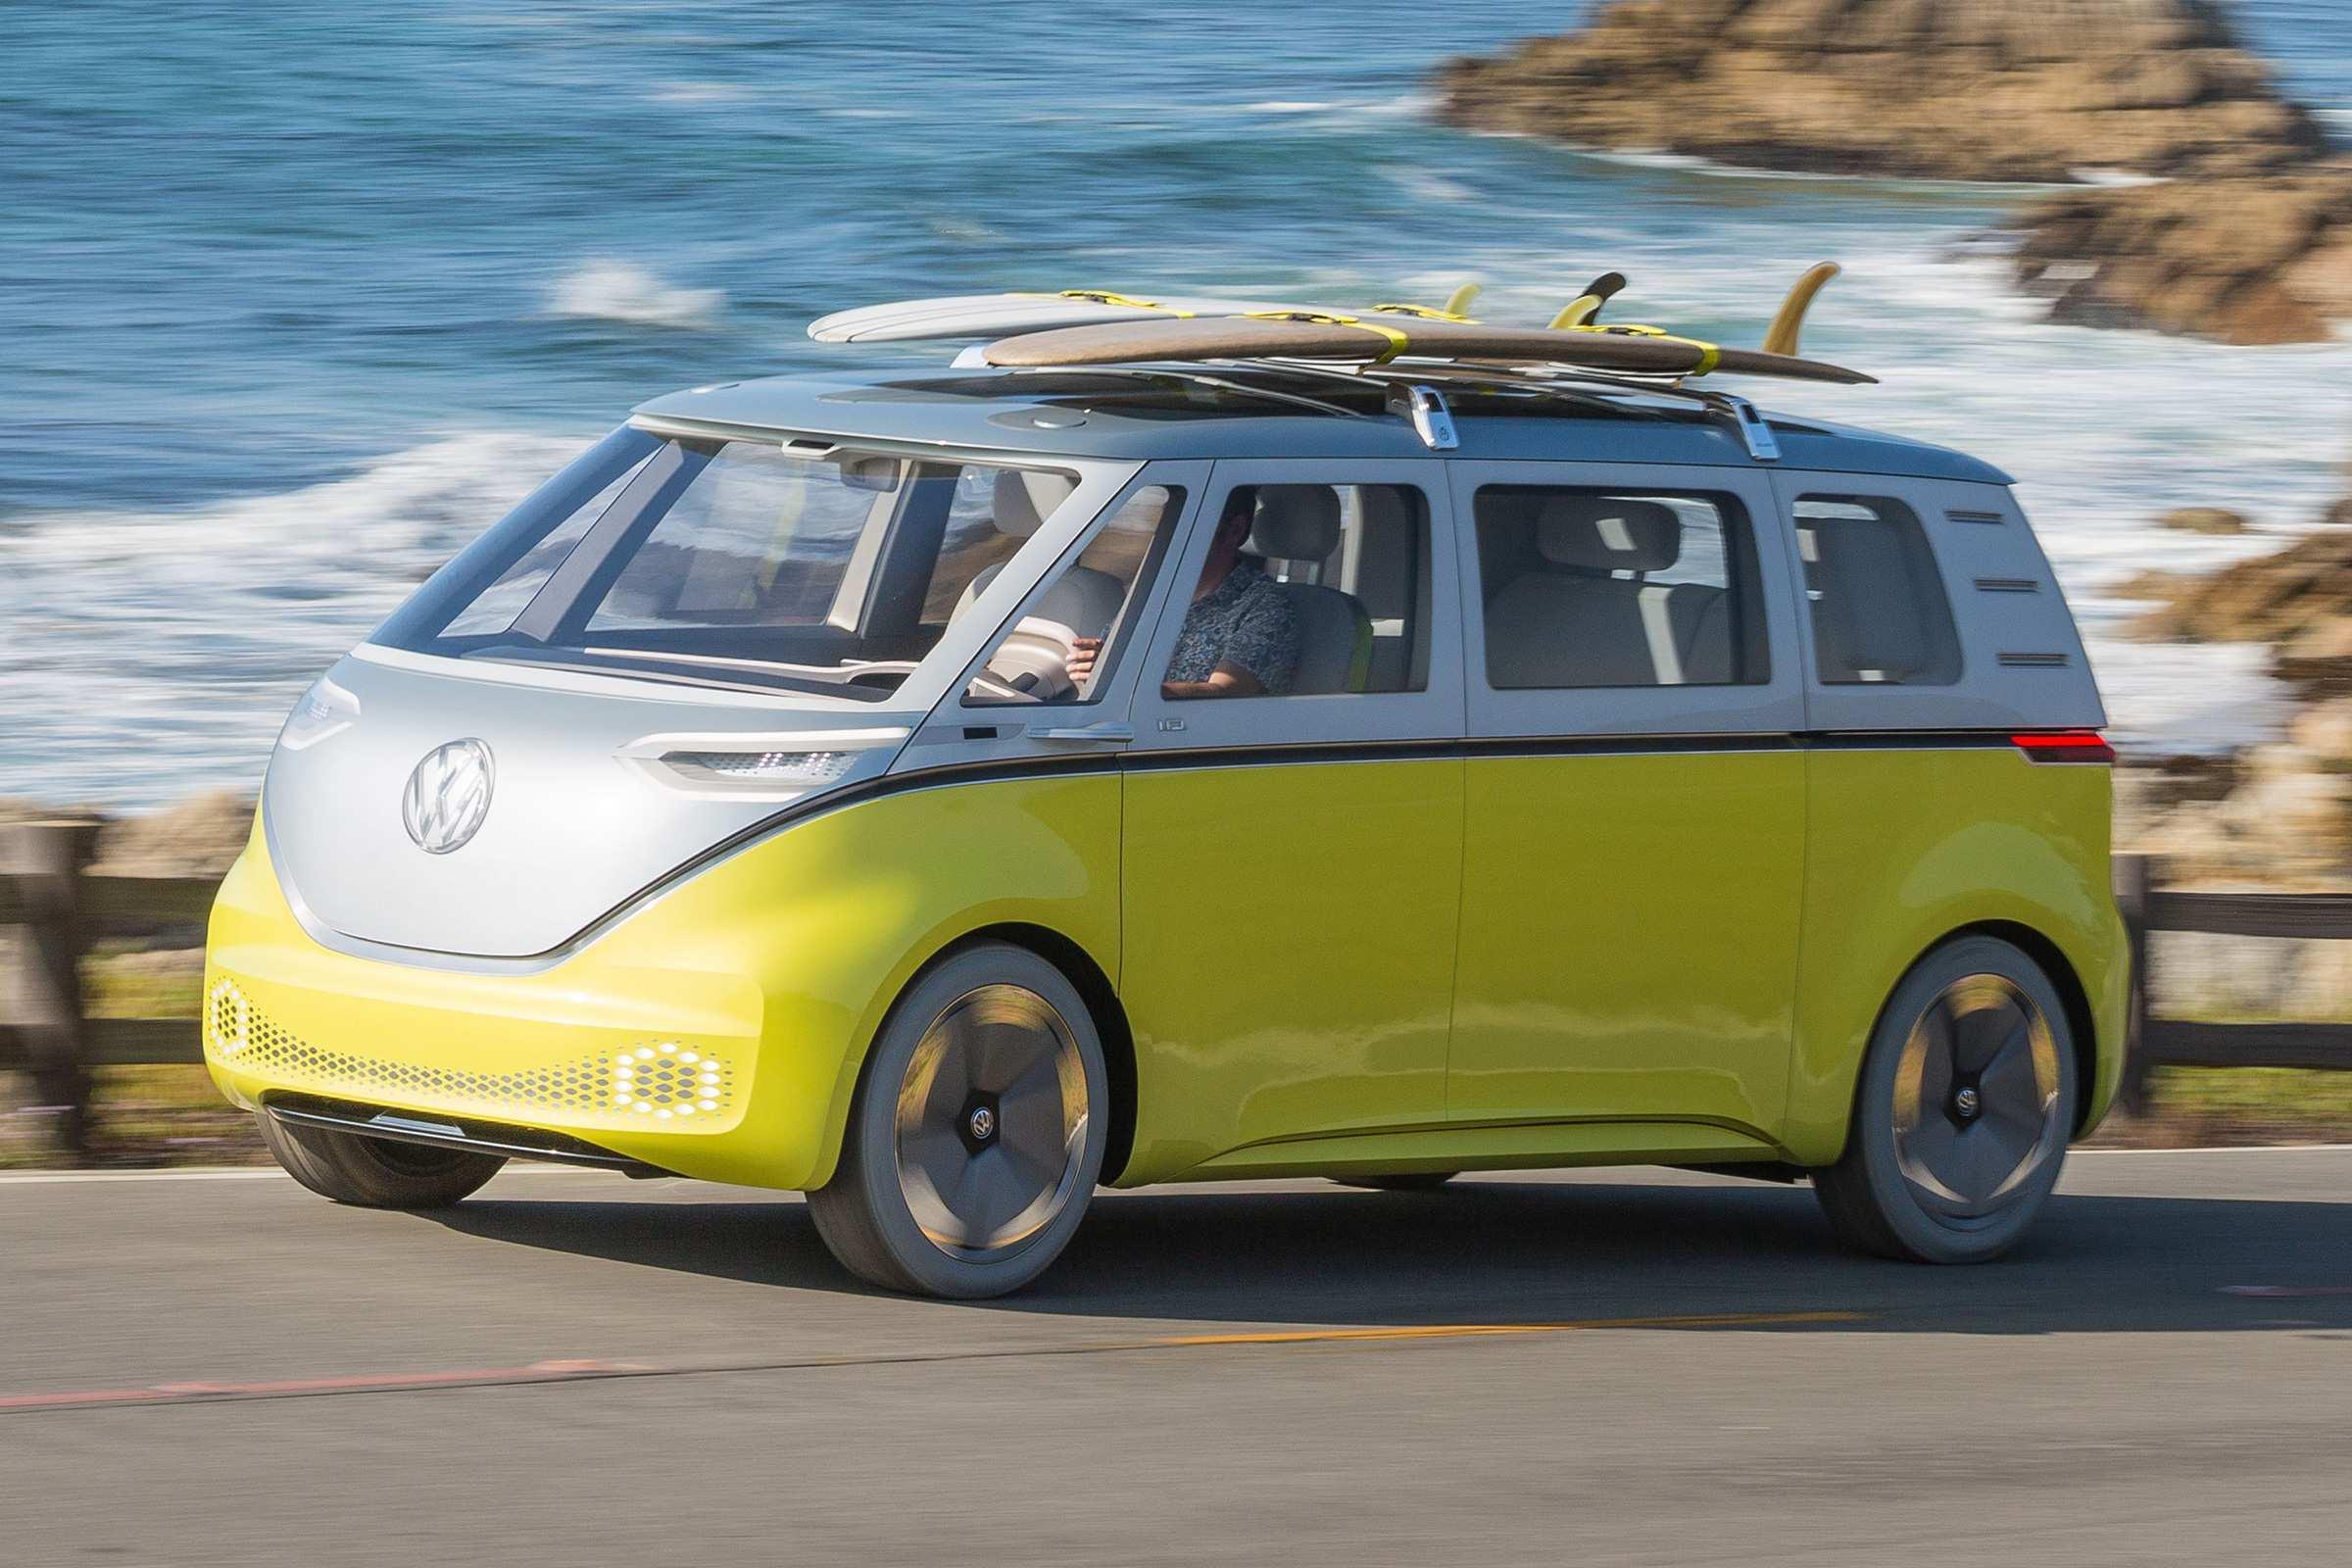 80 Best Review Volkswagen Camper 2020 Spy Shoot for Volkswagen Camper 2020